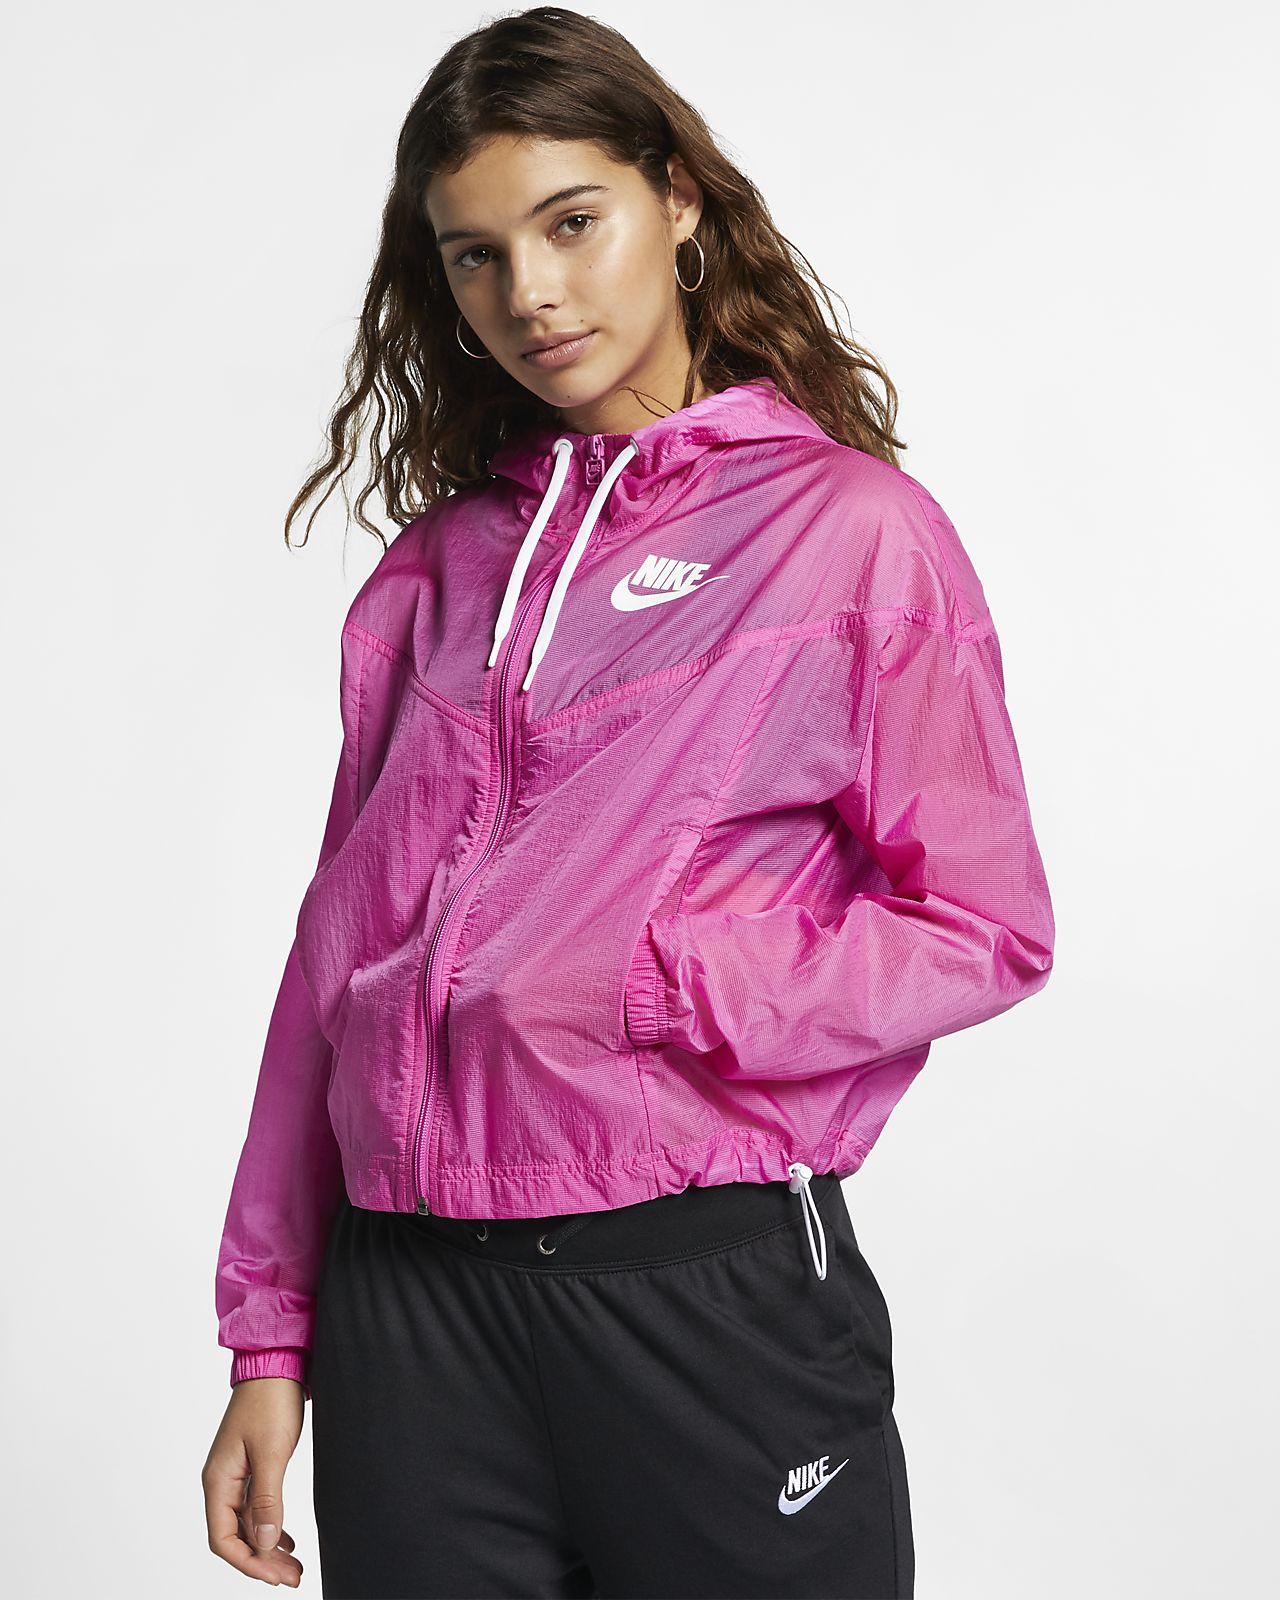 420d308466 Nike Sportswear Windrunner Women s Jacket. Nike.com